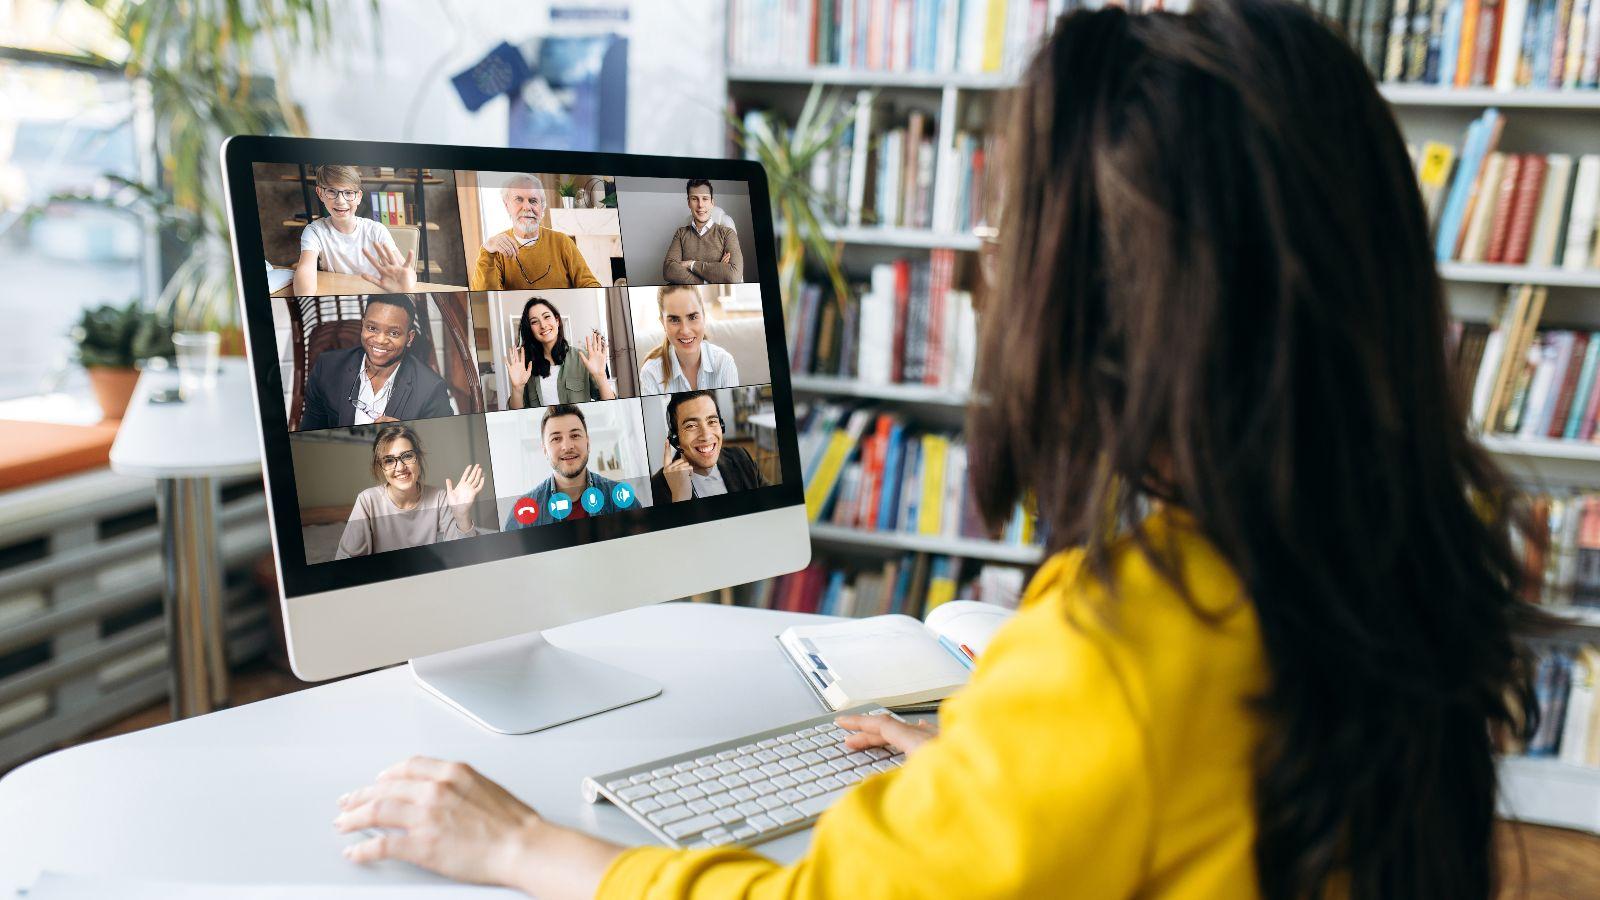 Eine Zuhörerin sitzt vor einem Bildschirm, auf dem mehrere Teilnehmer/innen einer Online-Konferenz zu sehen sind.